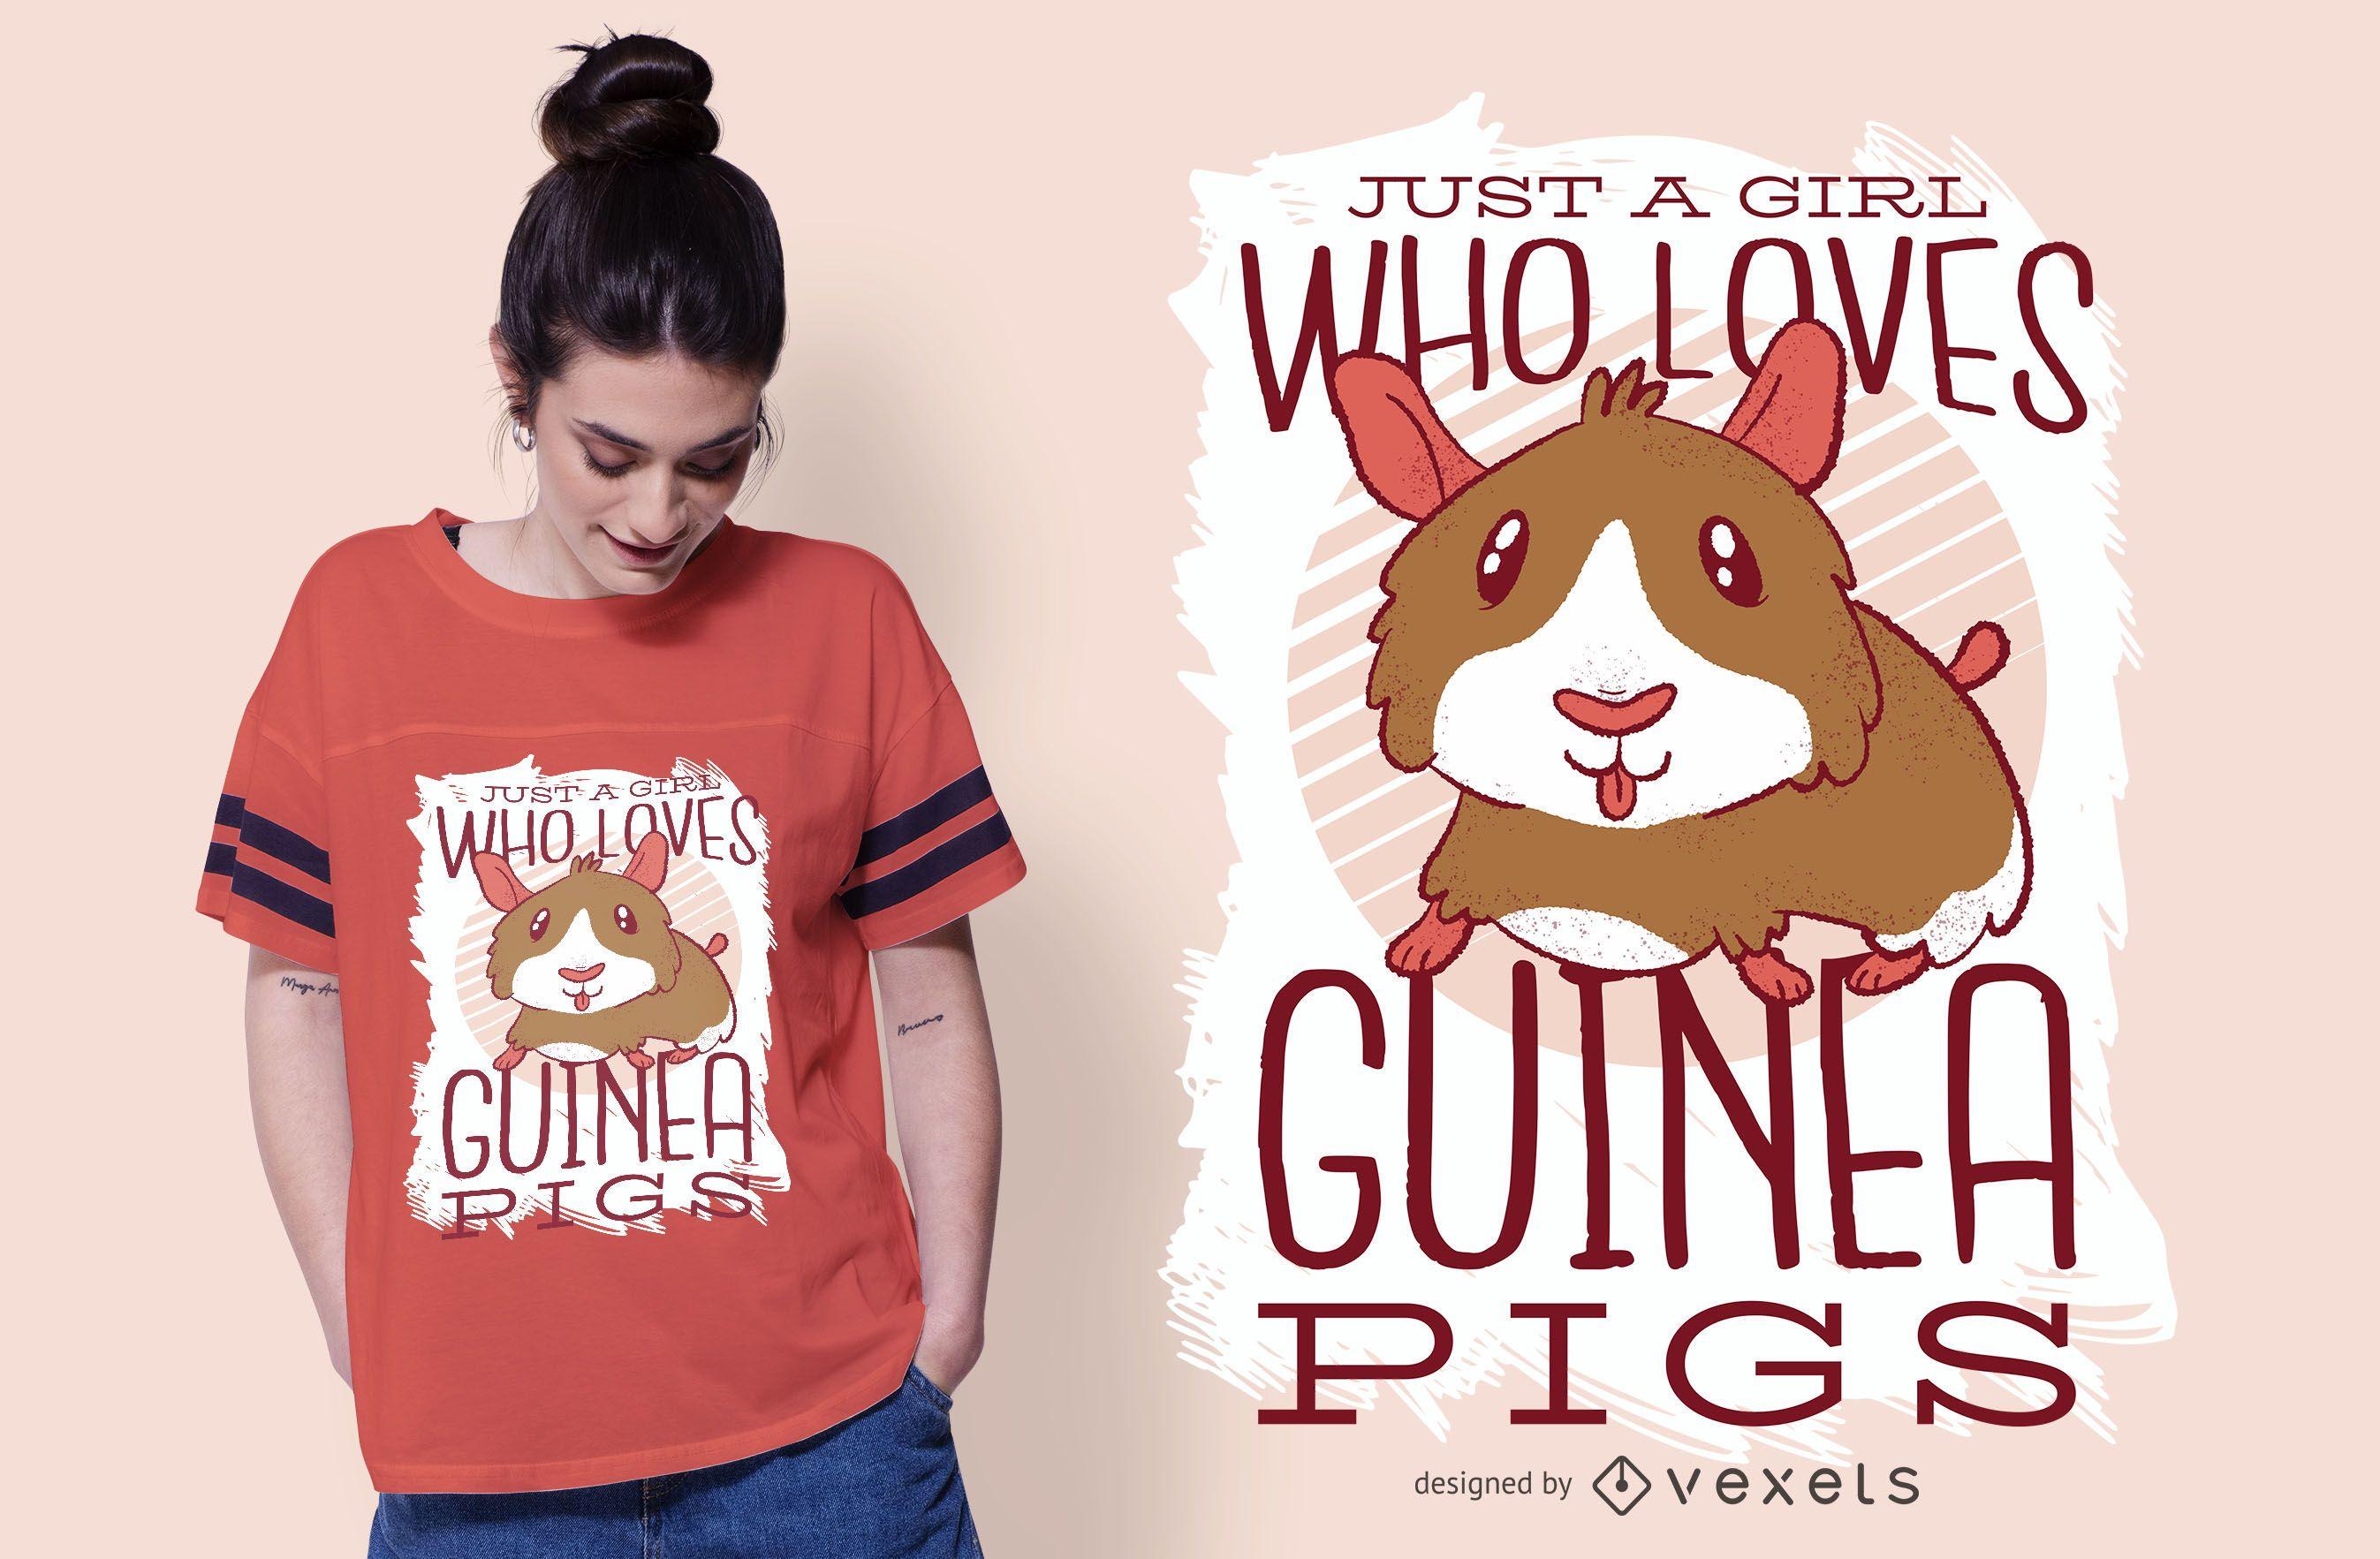 Girl loves guinea pigs t-shirt design